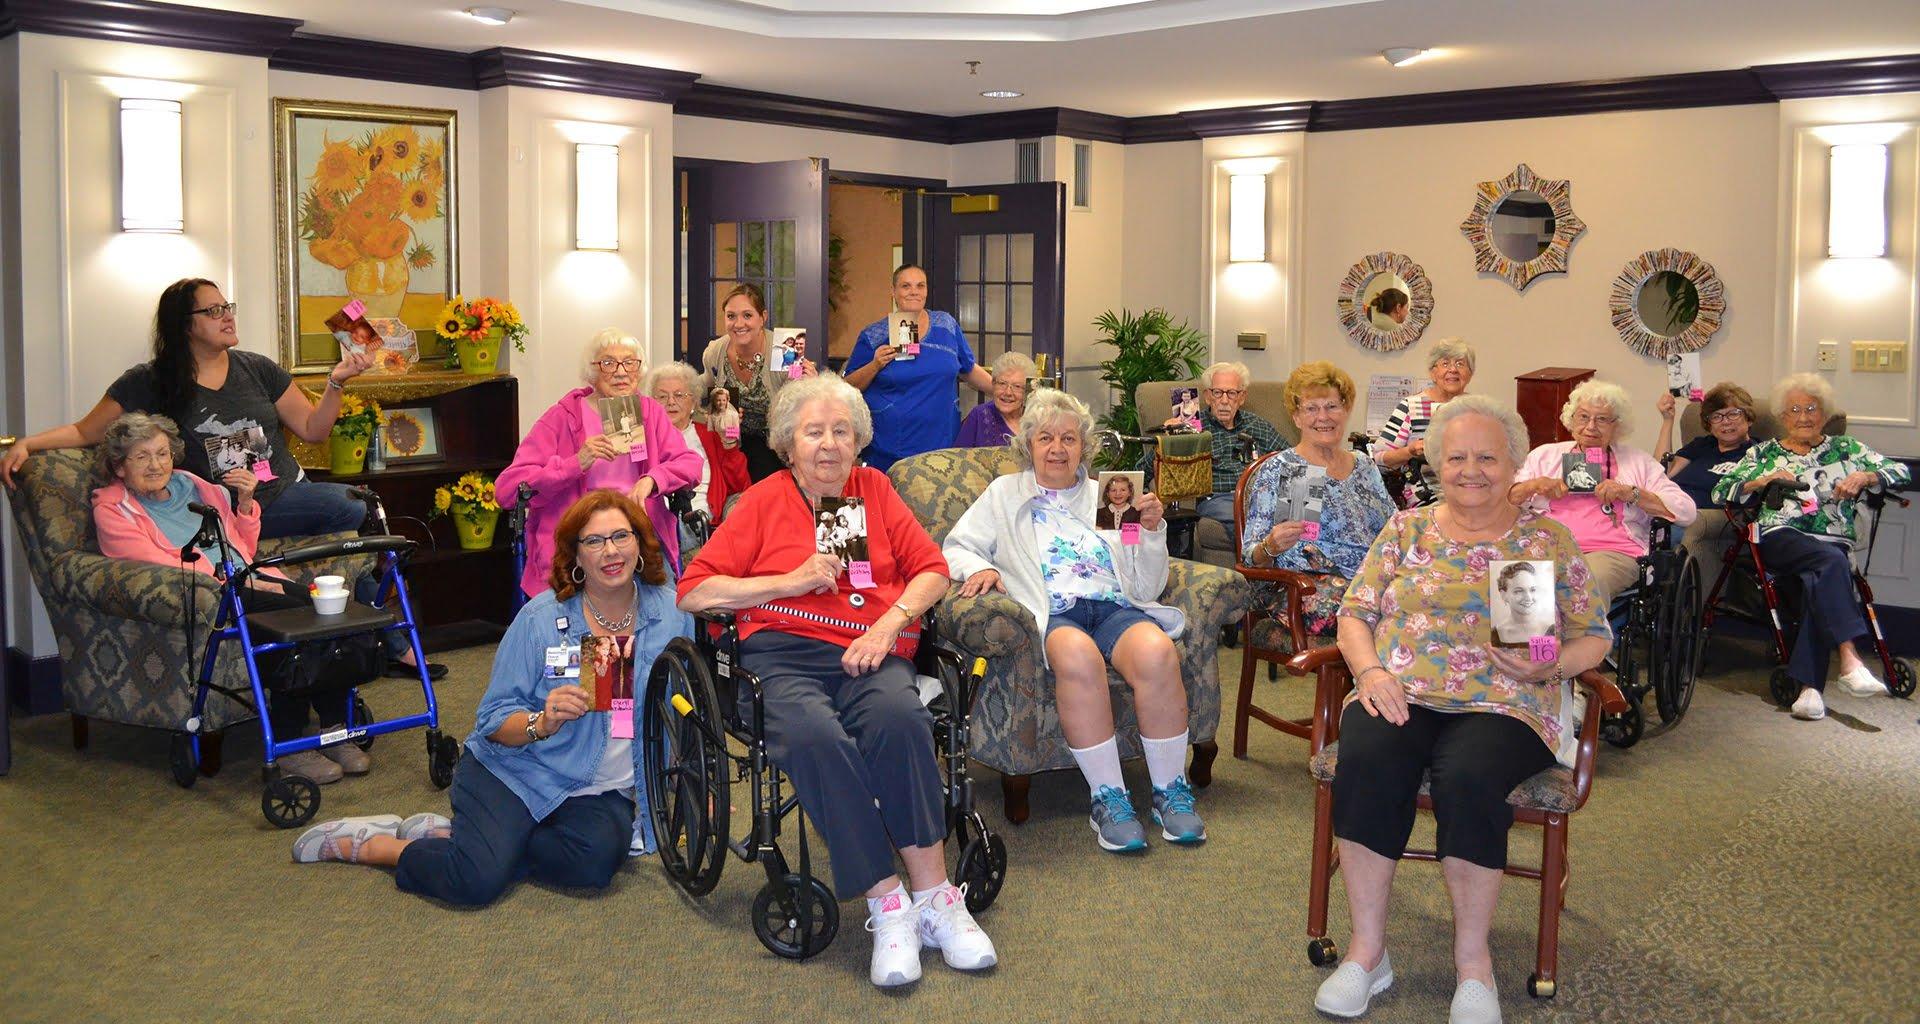 Beaumont Commons Farmington Hills A Senior Living Community